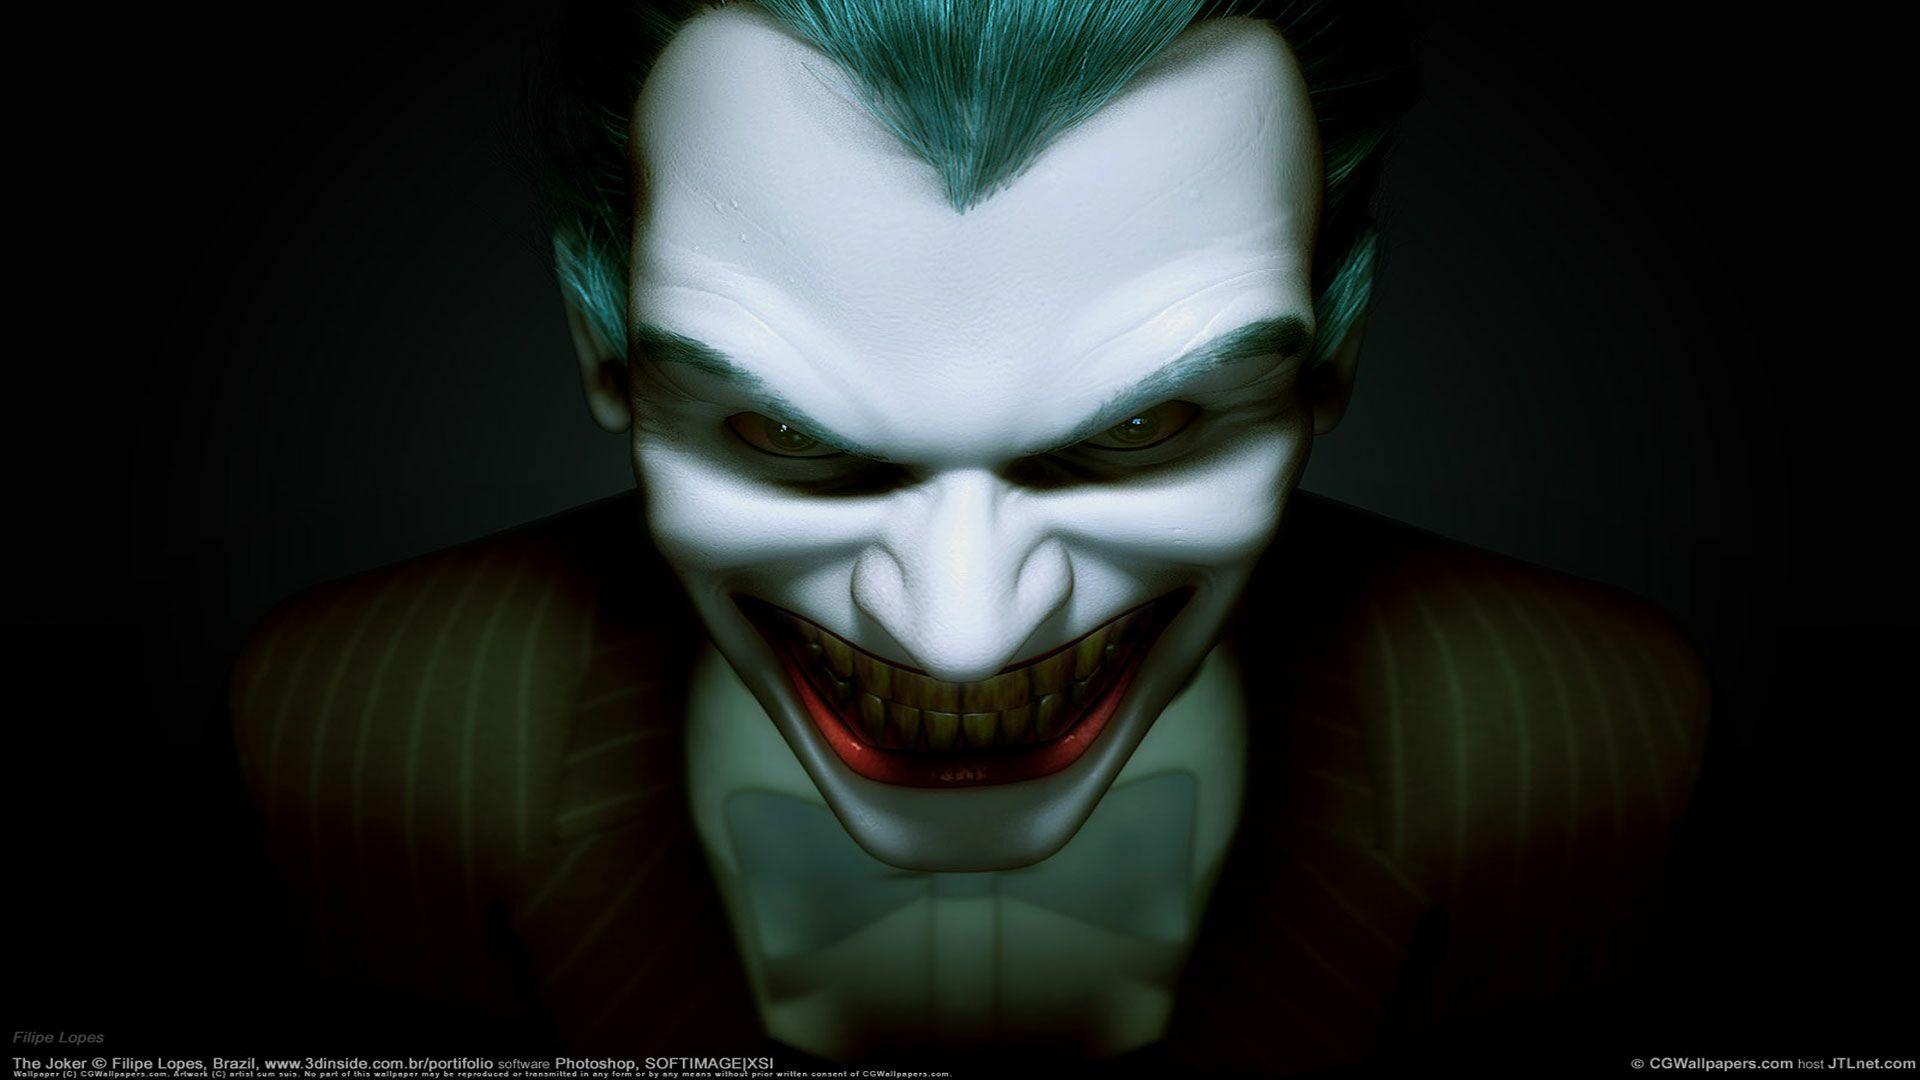 вампир, уродская ухмылка, скачать фото, обои для рабочего стола